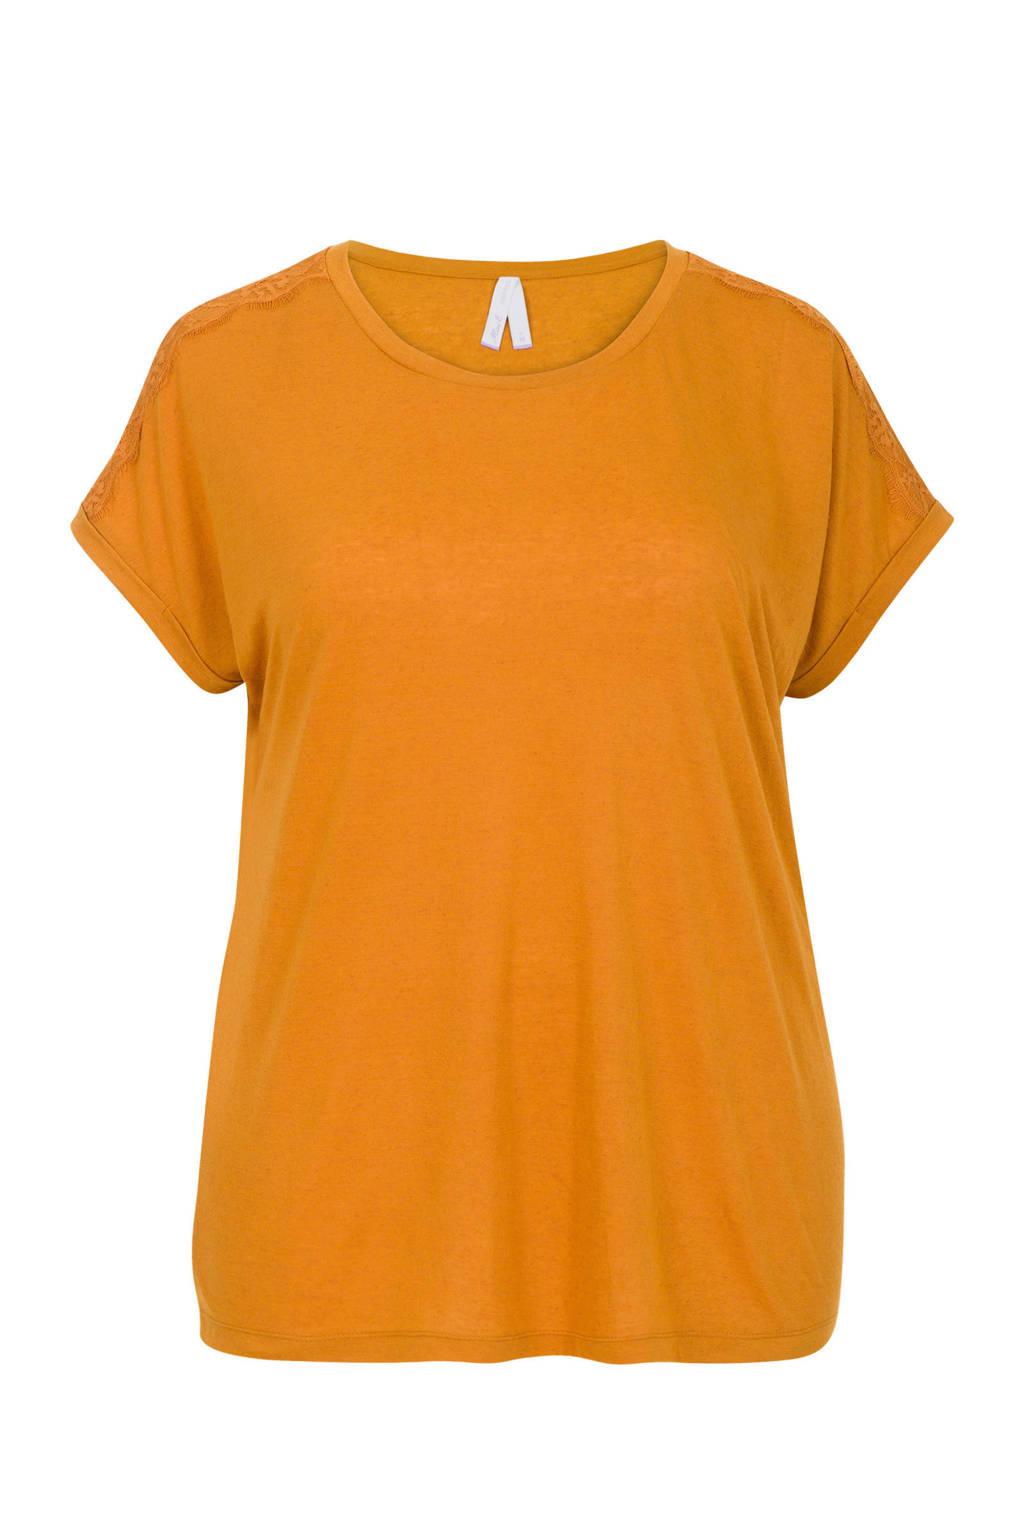 Miss Etam Plus T-shirt met kantdetail, Geel